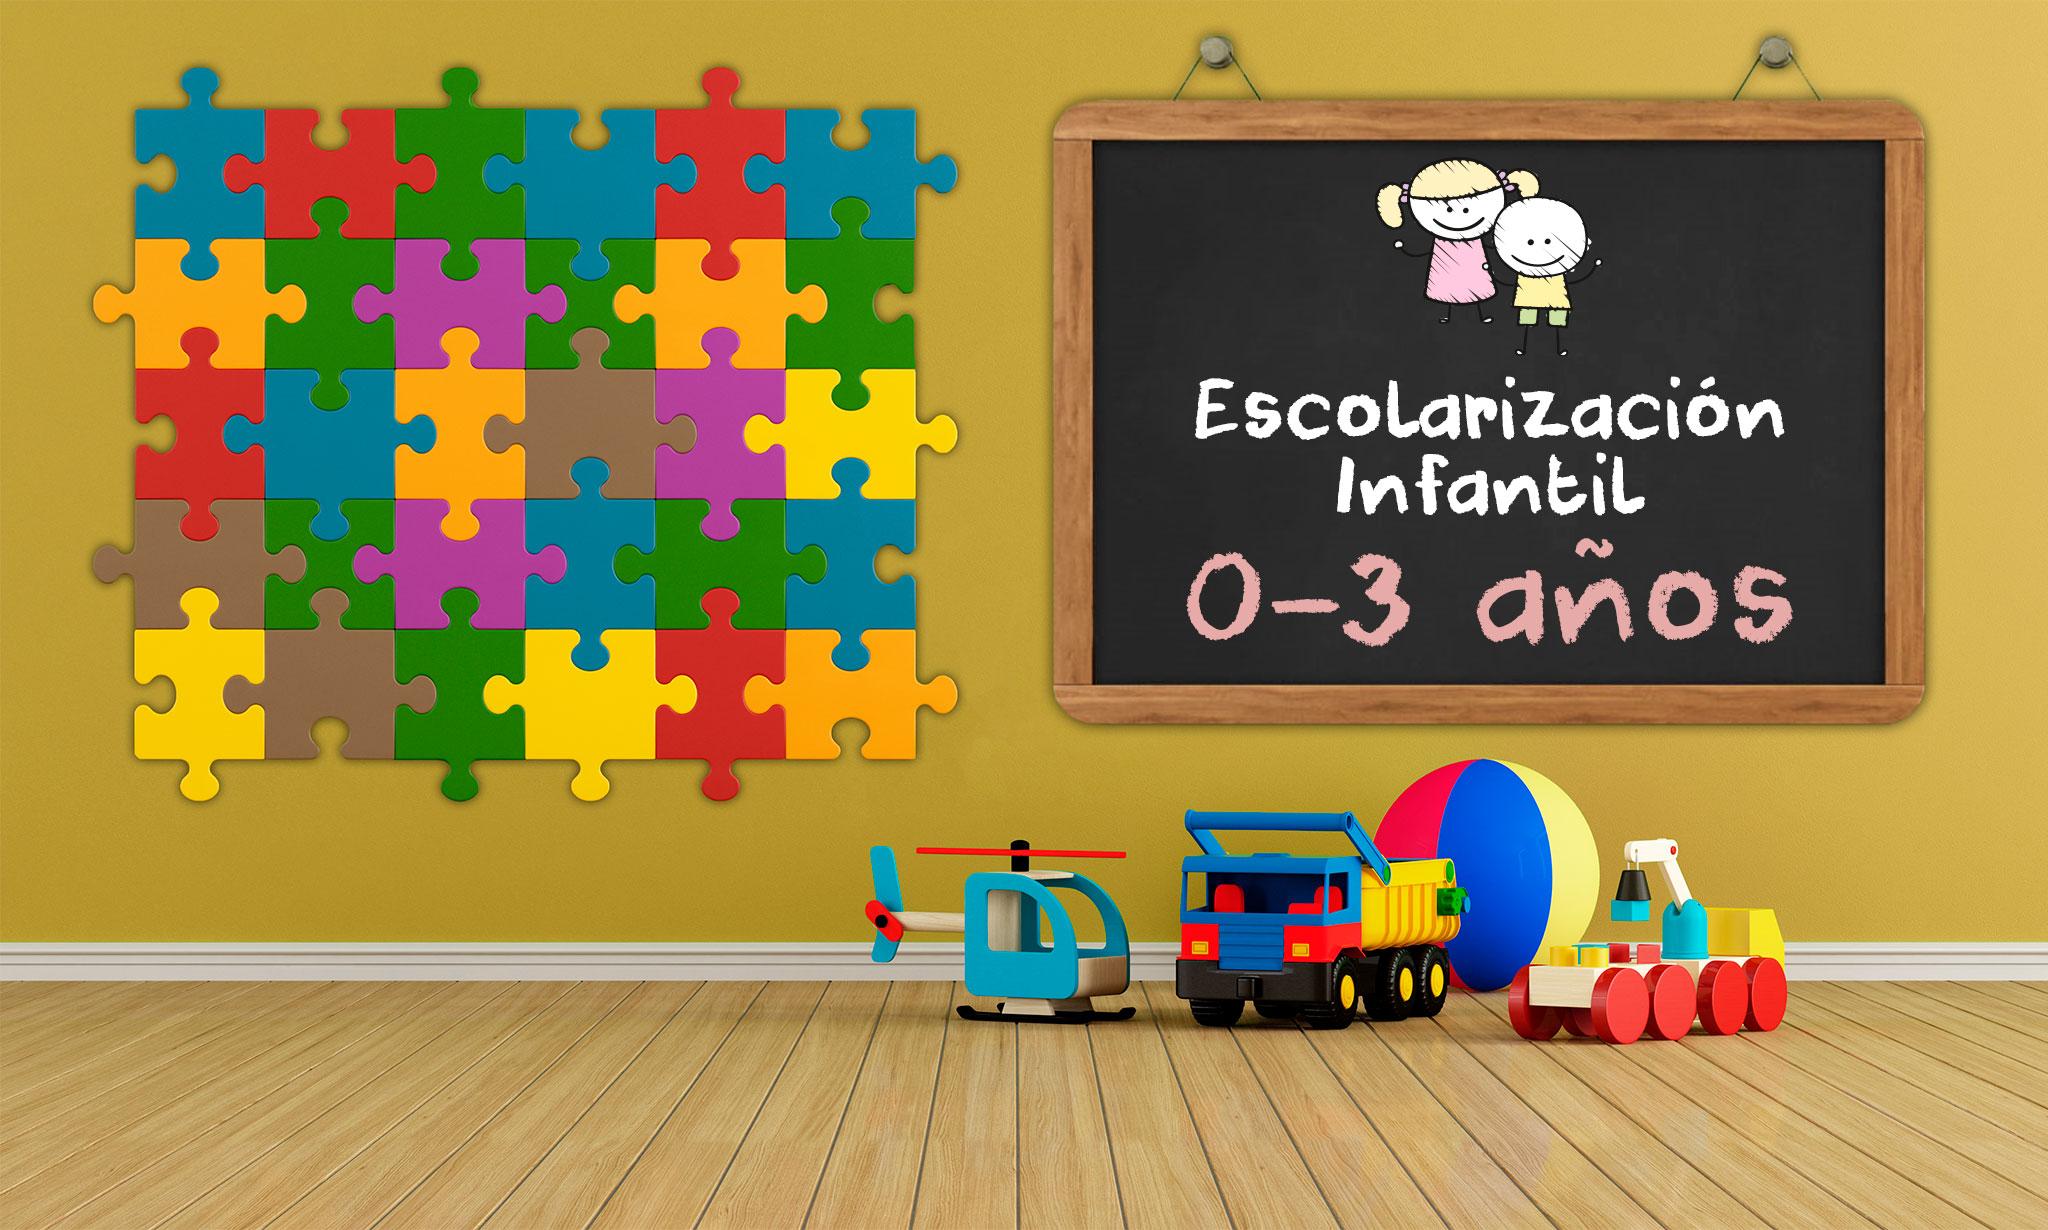 Escolarización Infantil 0 a 3 años. Convocatoria extraordinaria de ayudas a las familias para el fomento a la escolarización en el Primer Ciclo de la Educación Infantil en Andalucía - Programa de ayuda a las familias